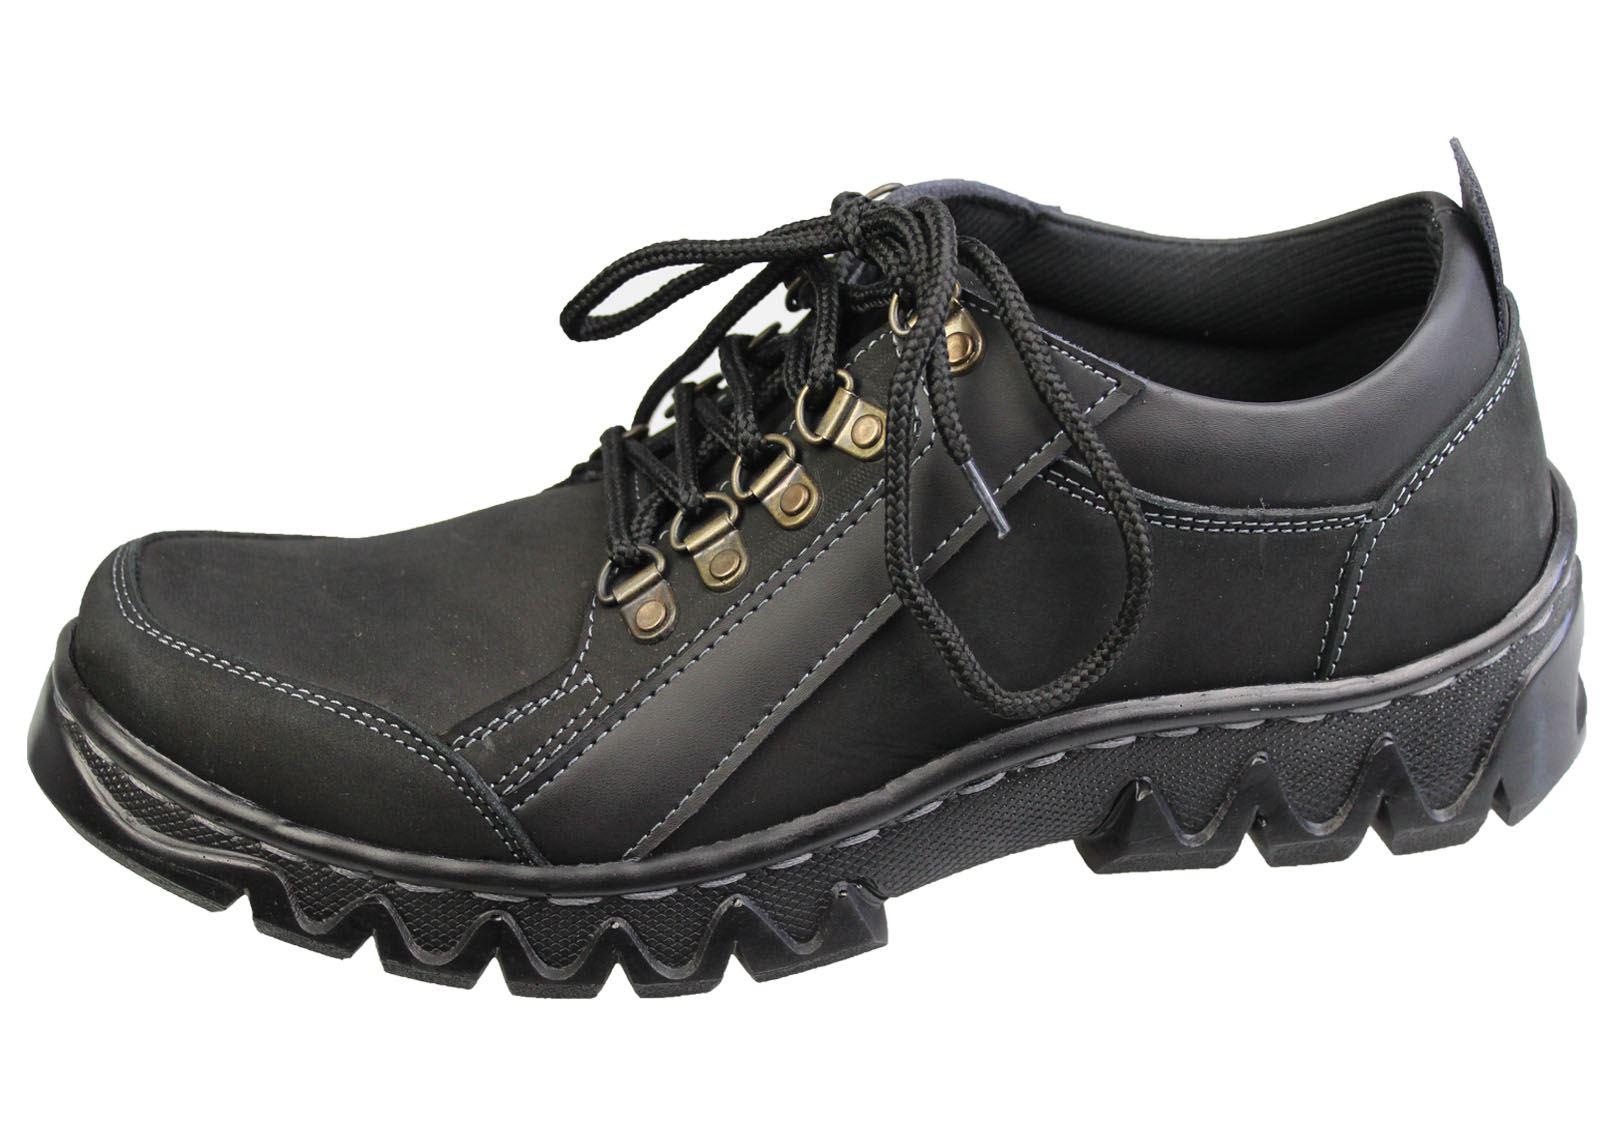 Para Hombre Con Encaje Zapatos Casual confort Deck confort caminar conducción Botas De Invierno Talle